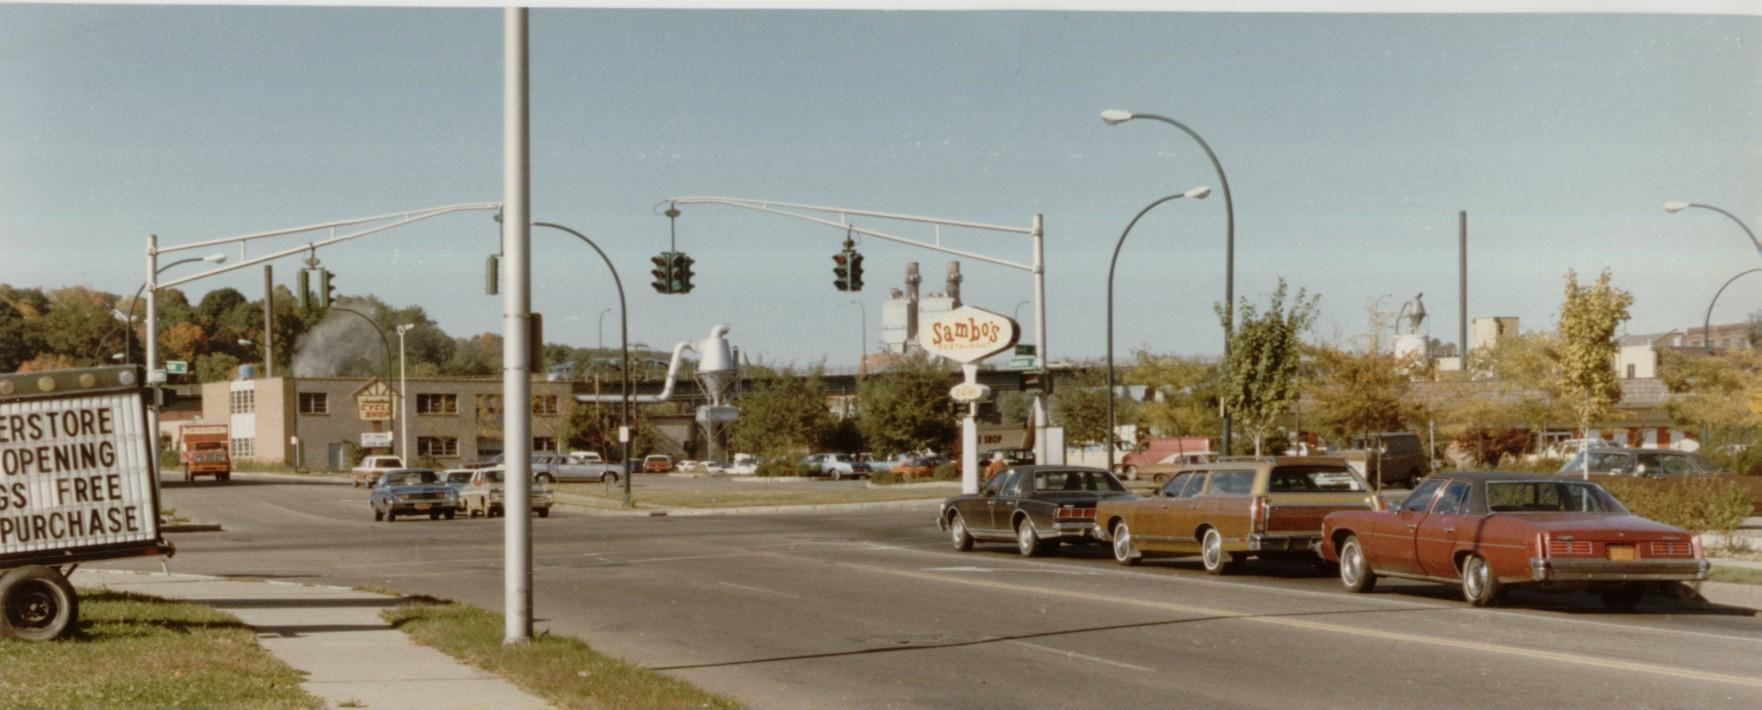 Brooklyn square in the late 70s chautauqua county